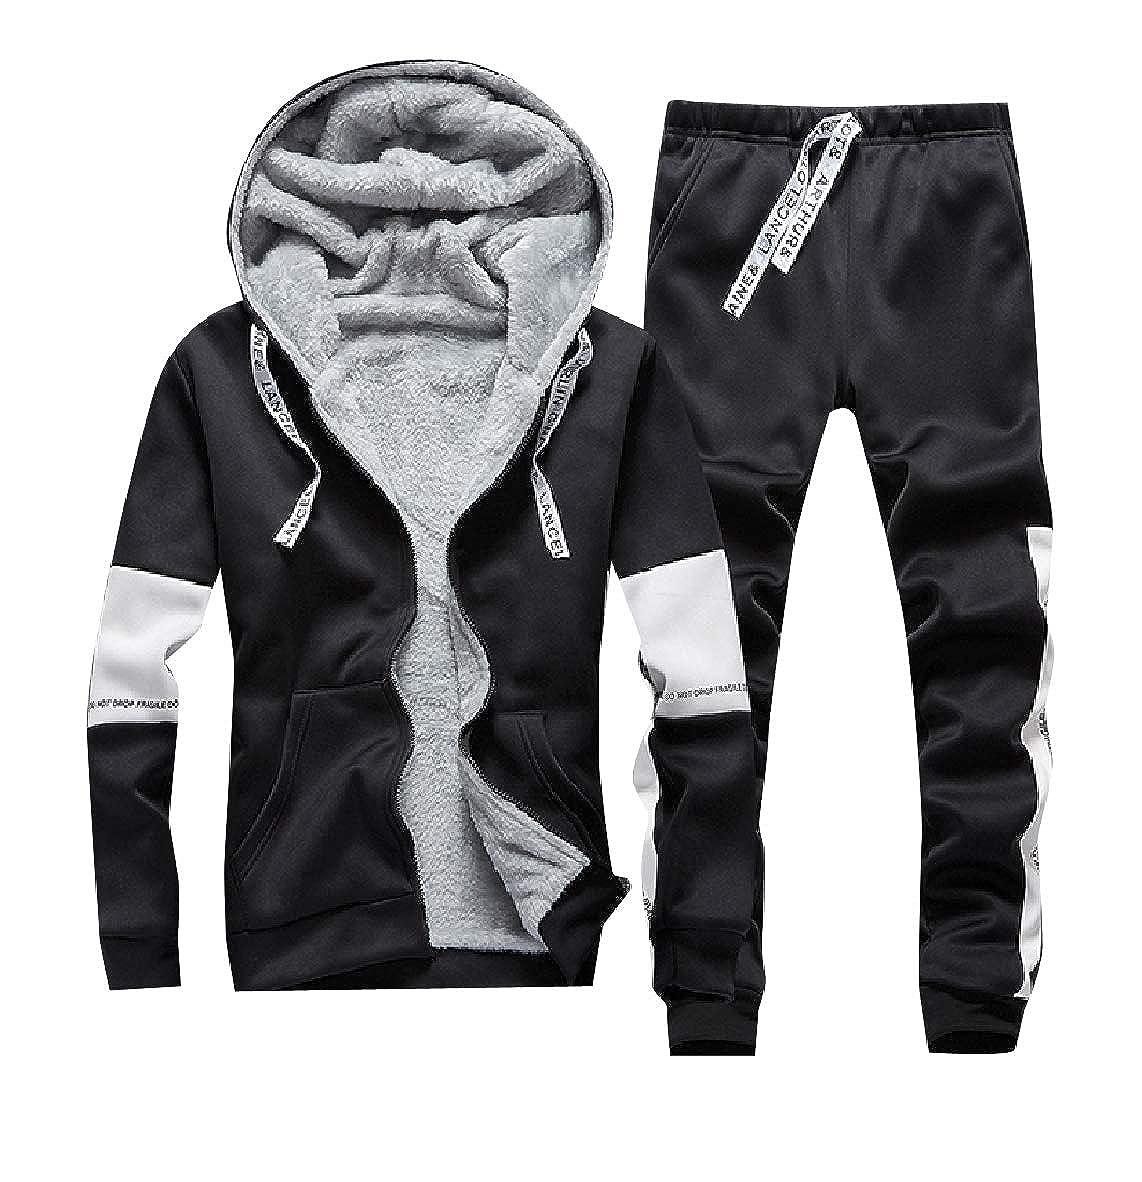 Andopa Cálida Deportes Fleece Hoode invierno chándal traje para ...